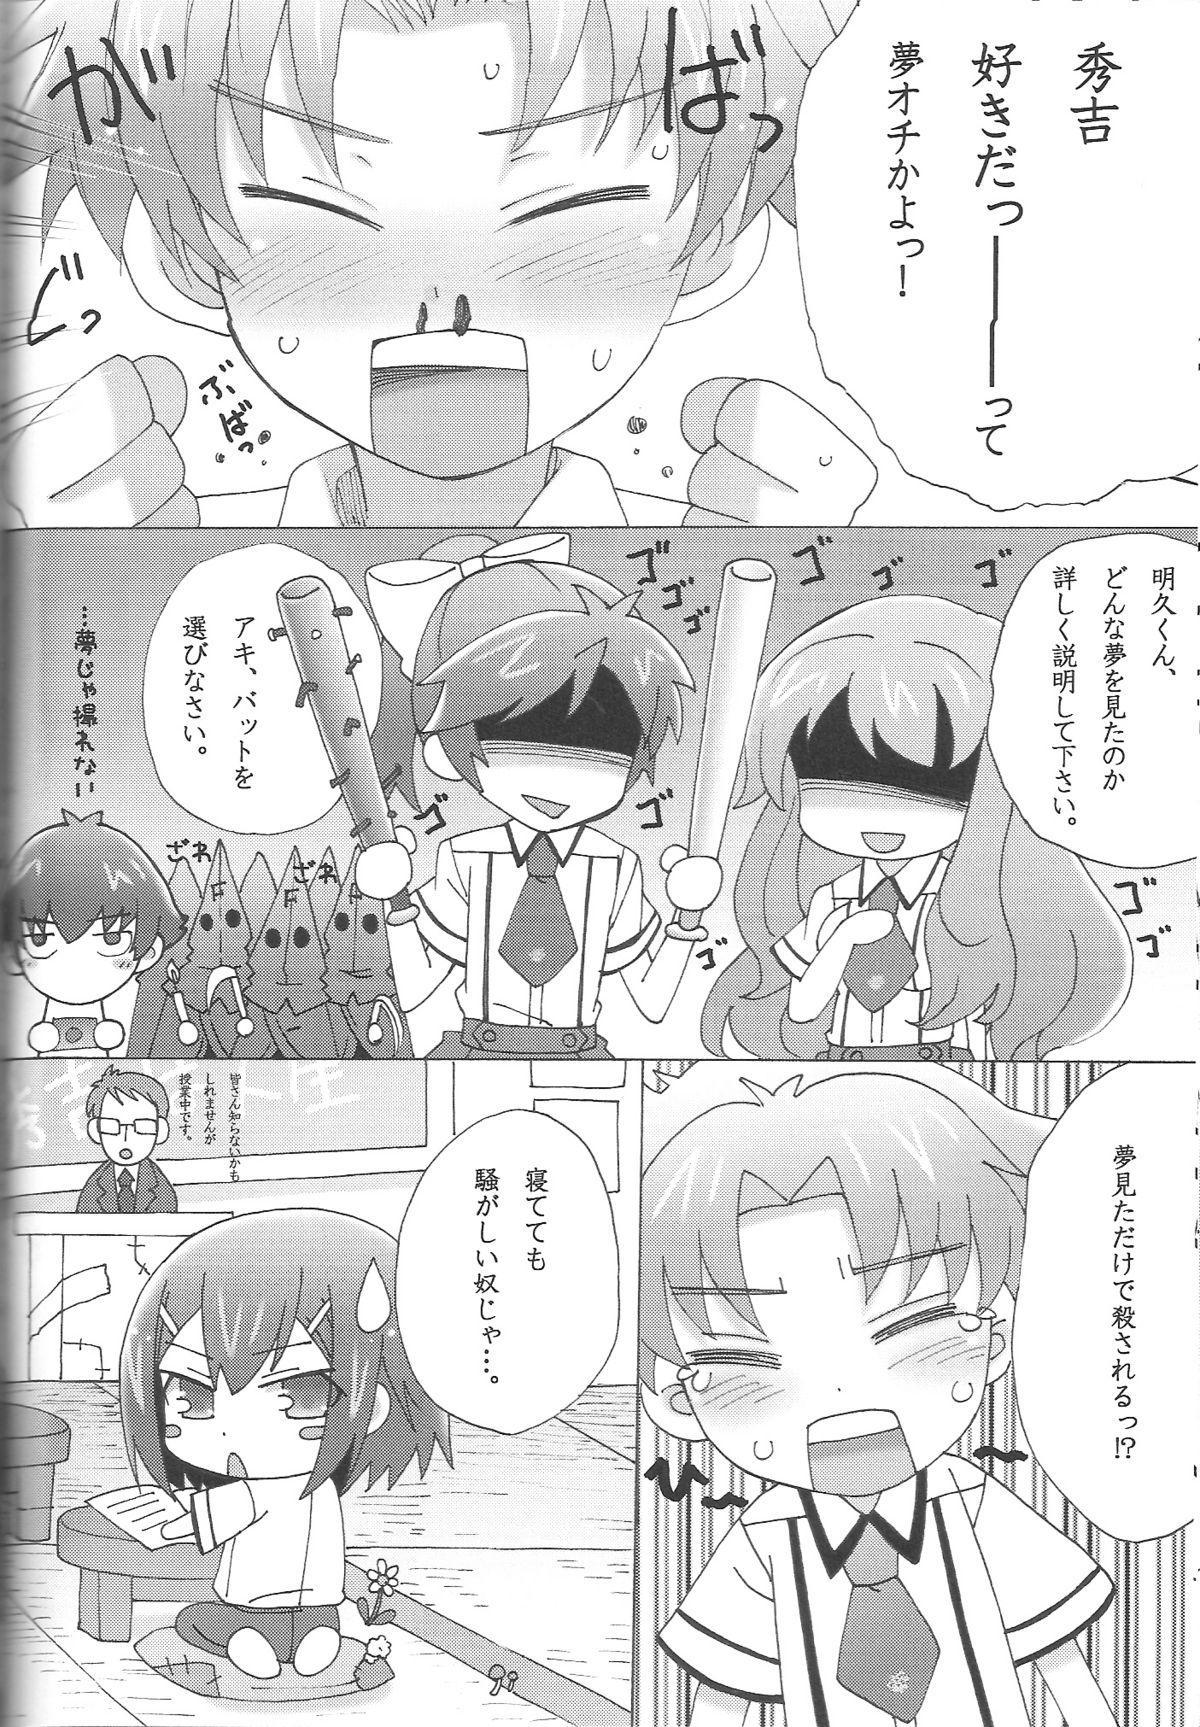 Boku to Hideyoshi to Naisho no Yorimichi 28